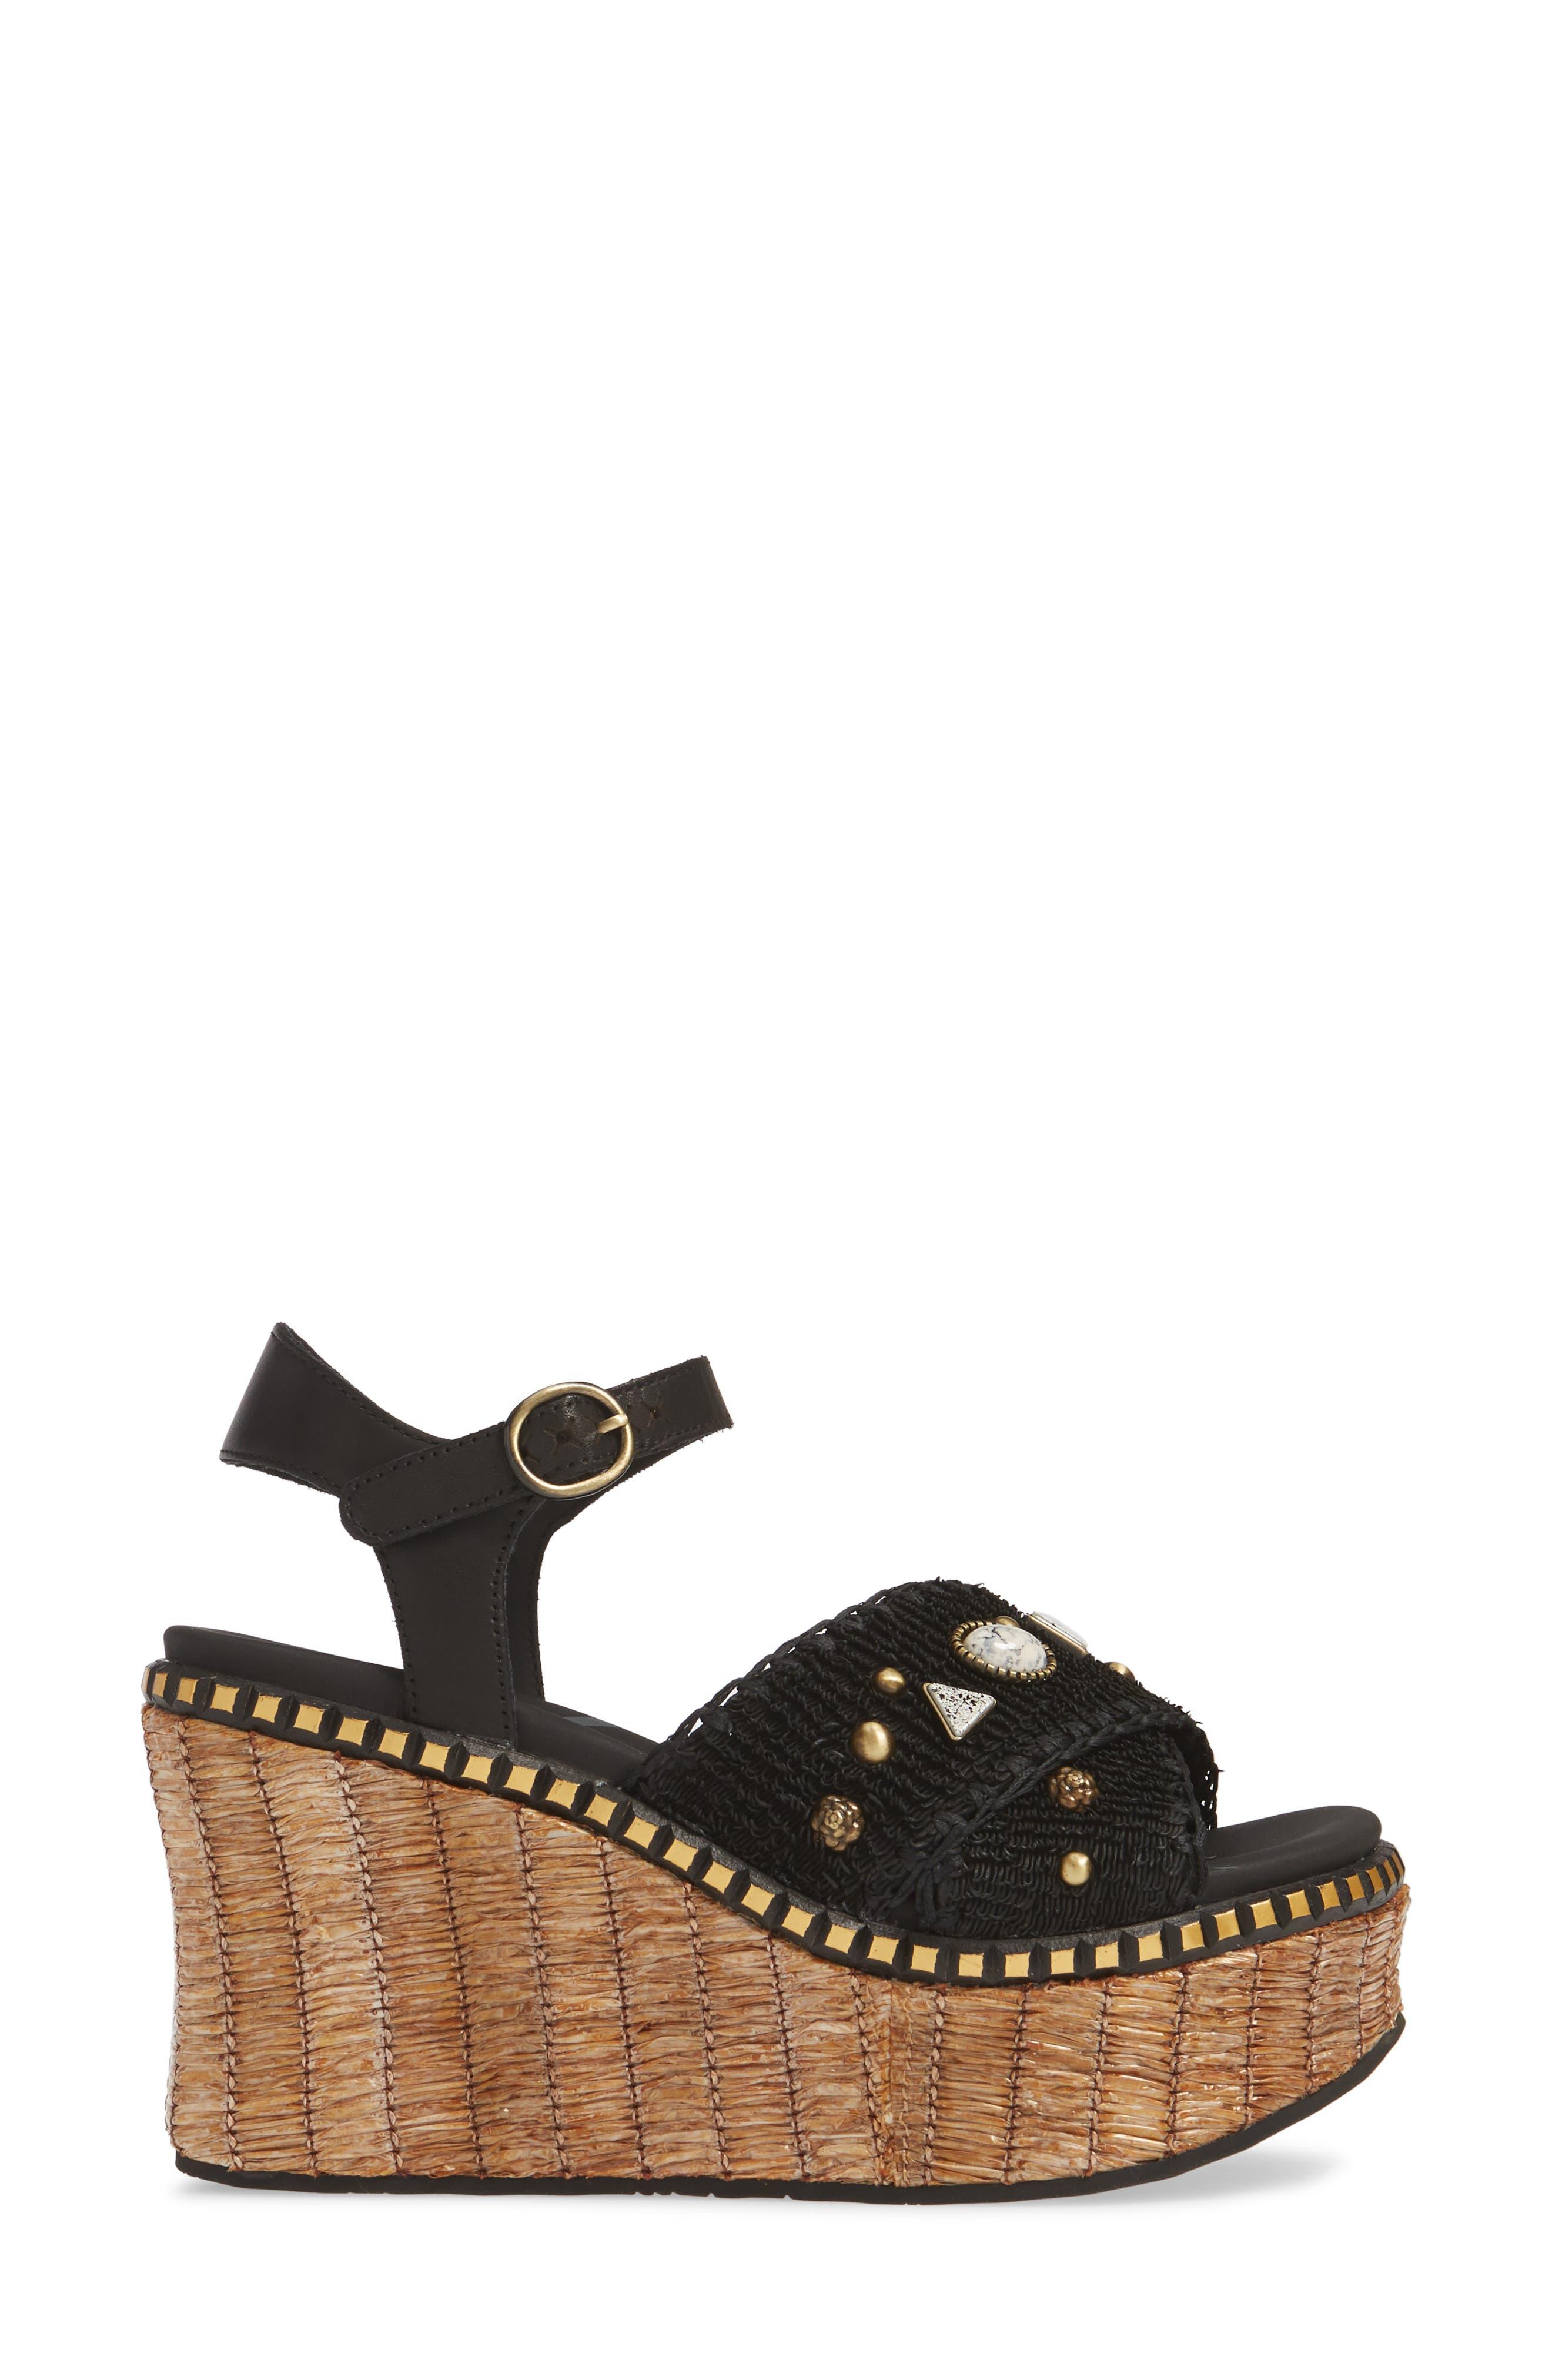 Cahoot Embellished Platform Wedge Sandal,                             Alternate thumbnail 3, color,                             BLACK LEATHER